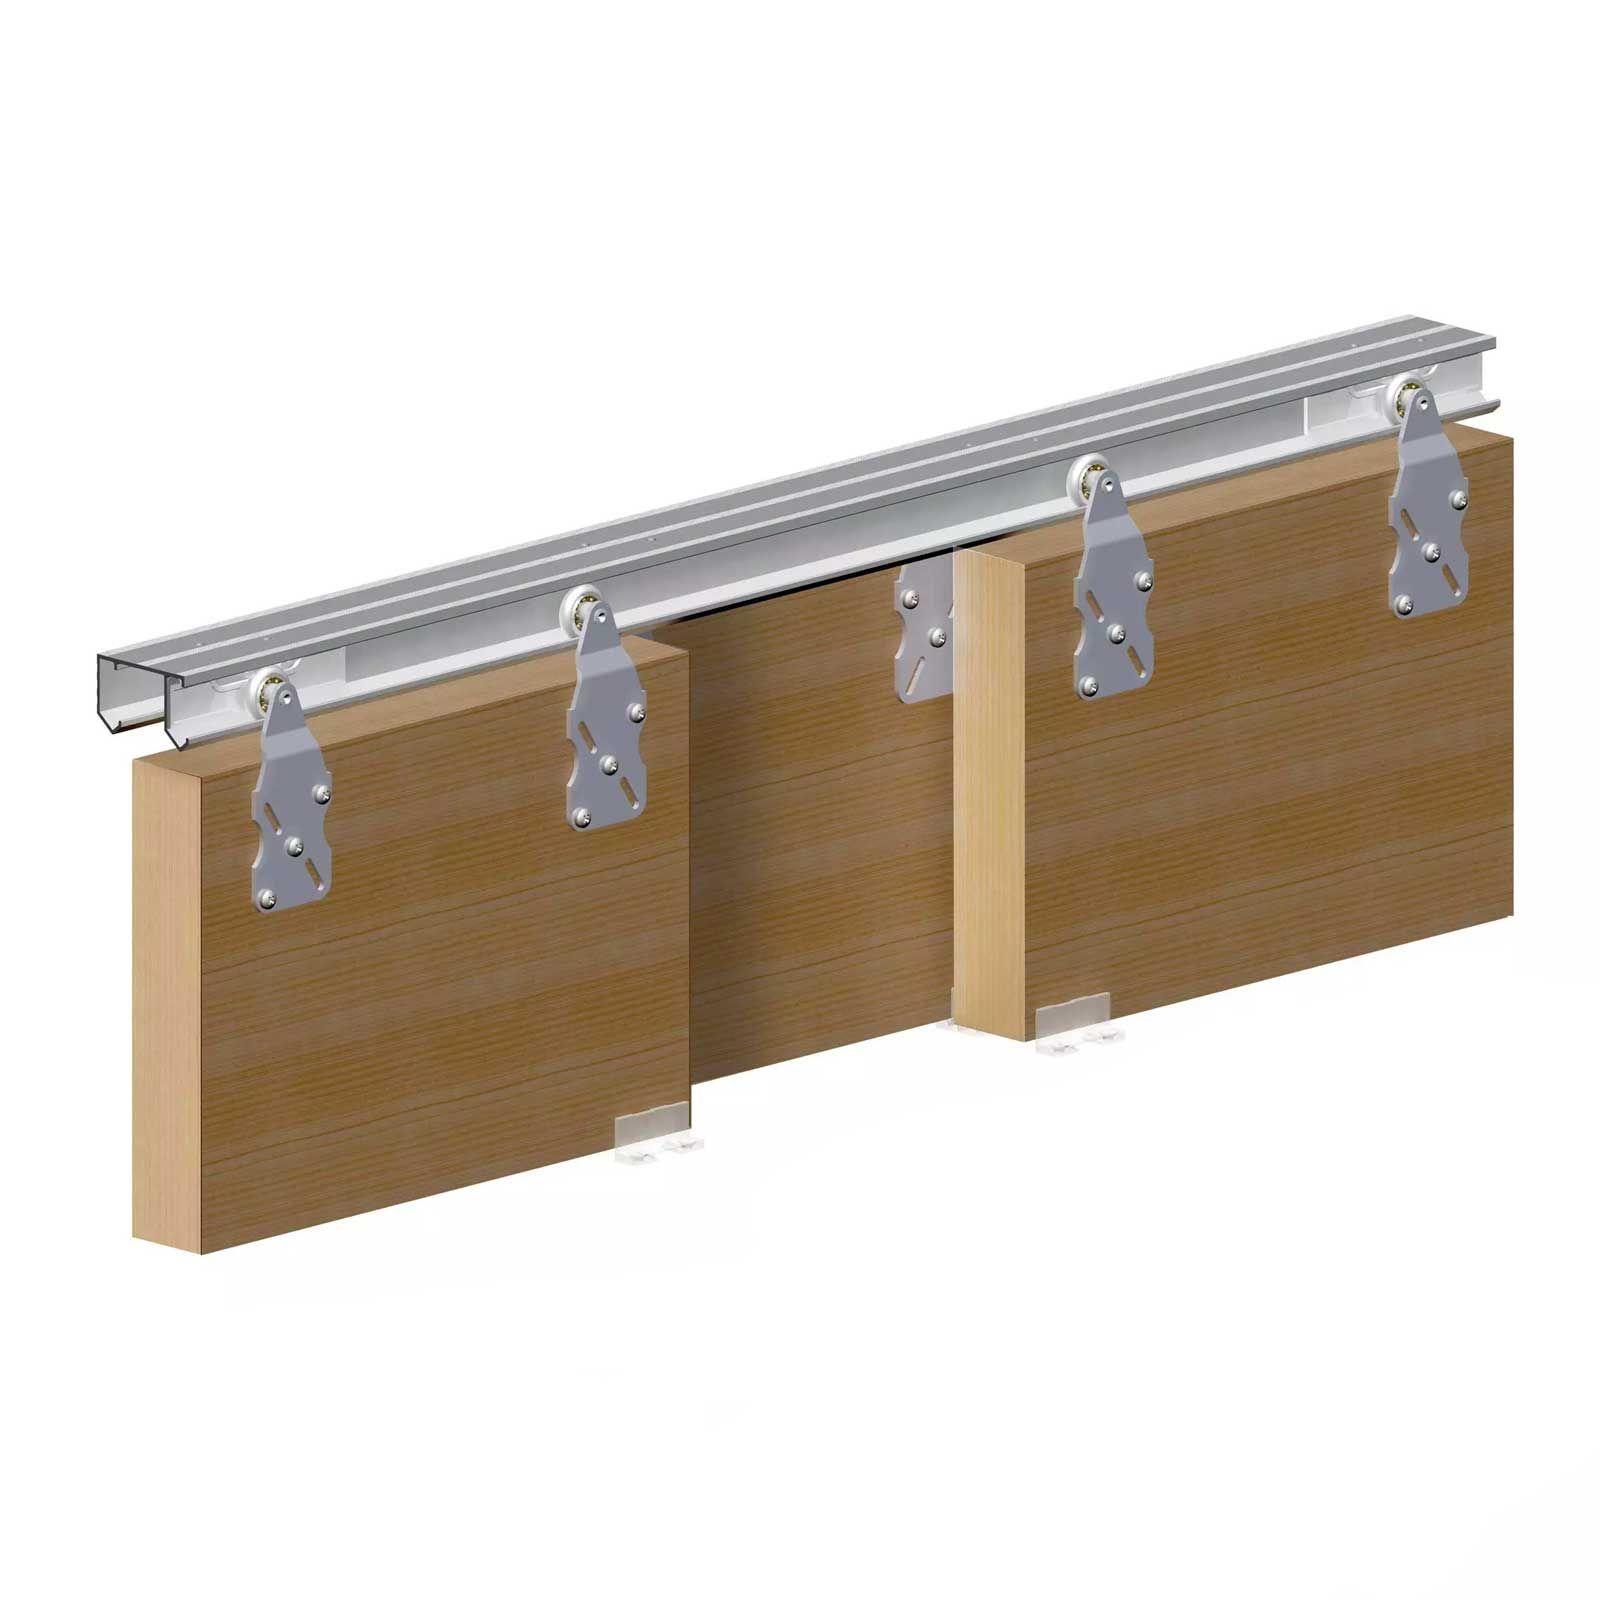 Horus Top Hung Sliding Door System Wardrobe Track Kit Sliding